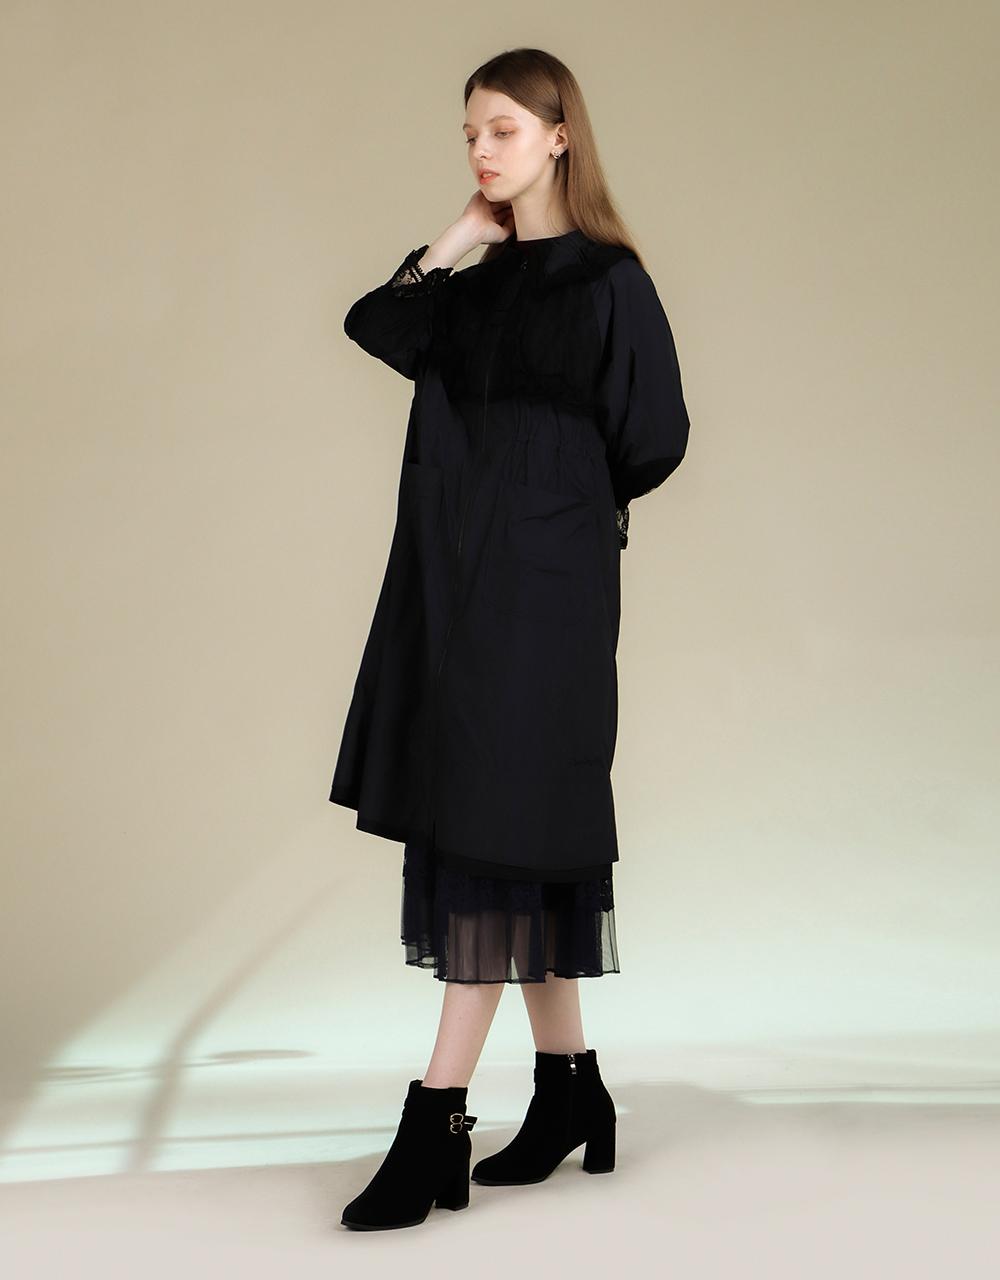 코트 모델 착용 이미지-S2L8